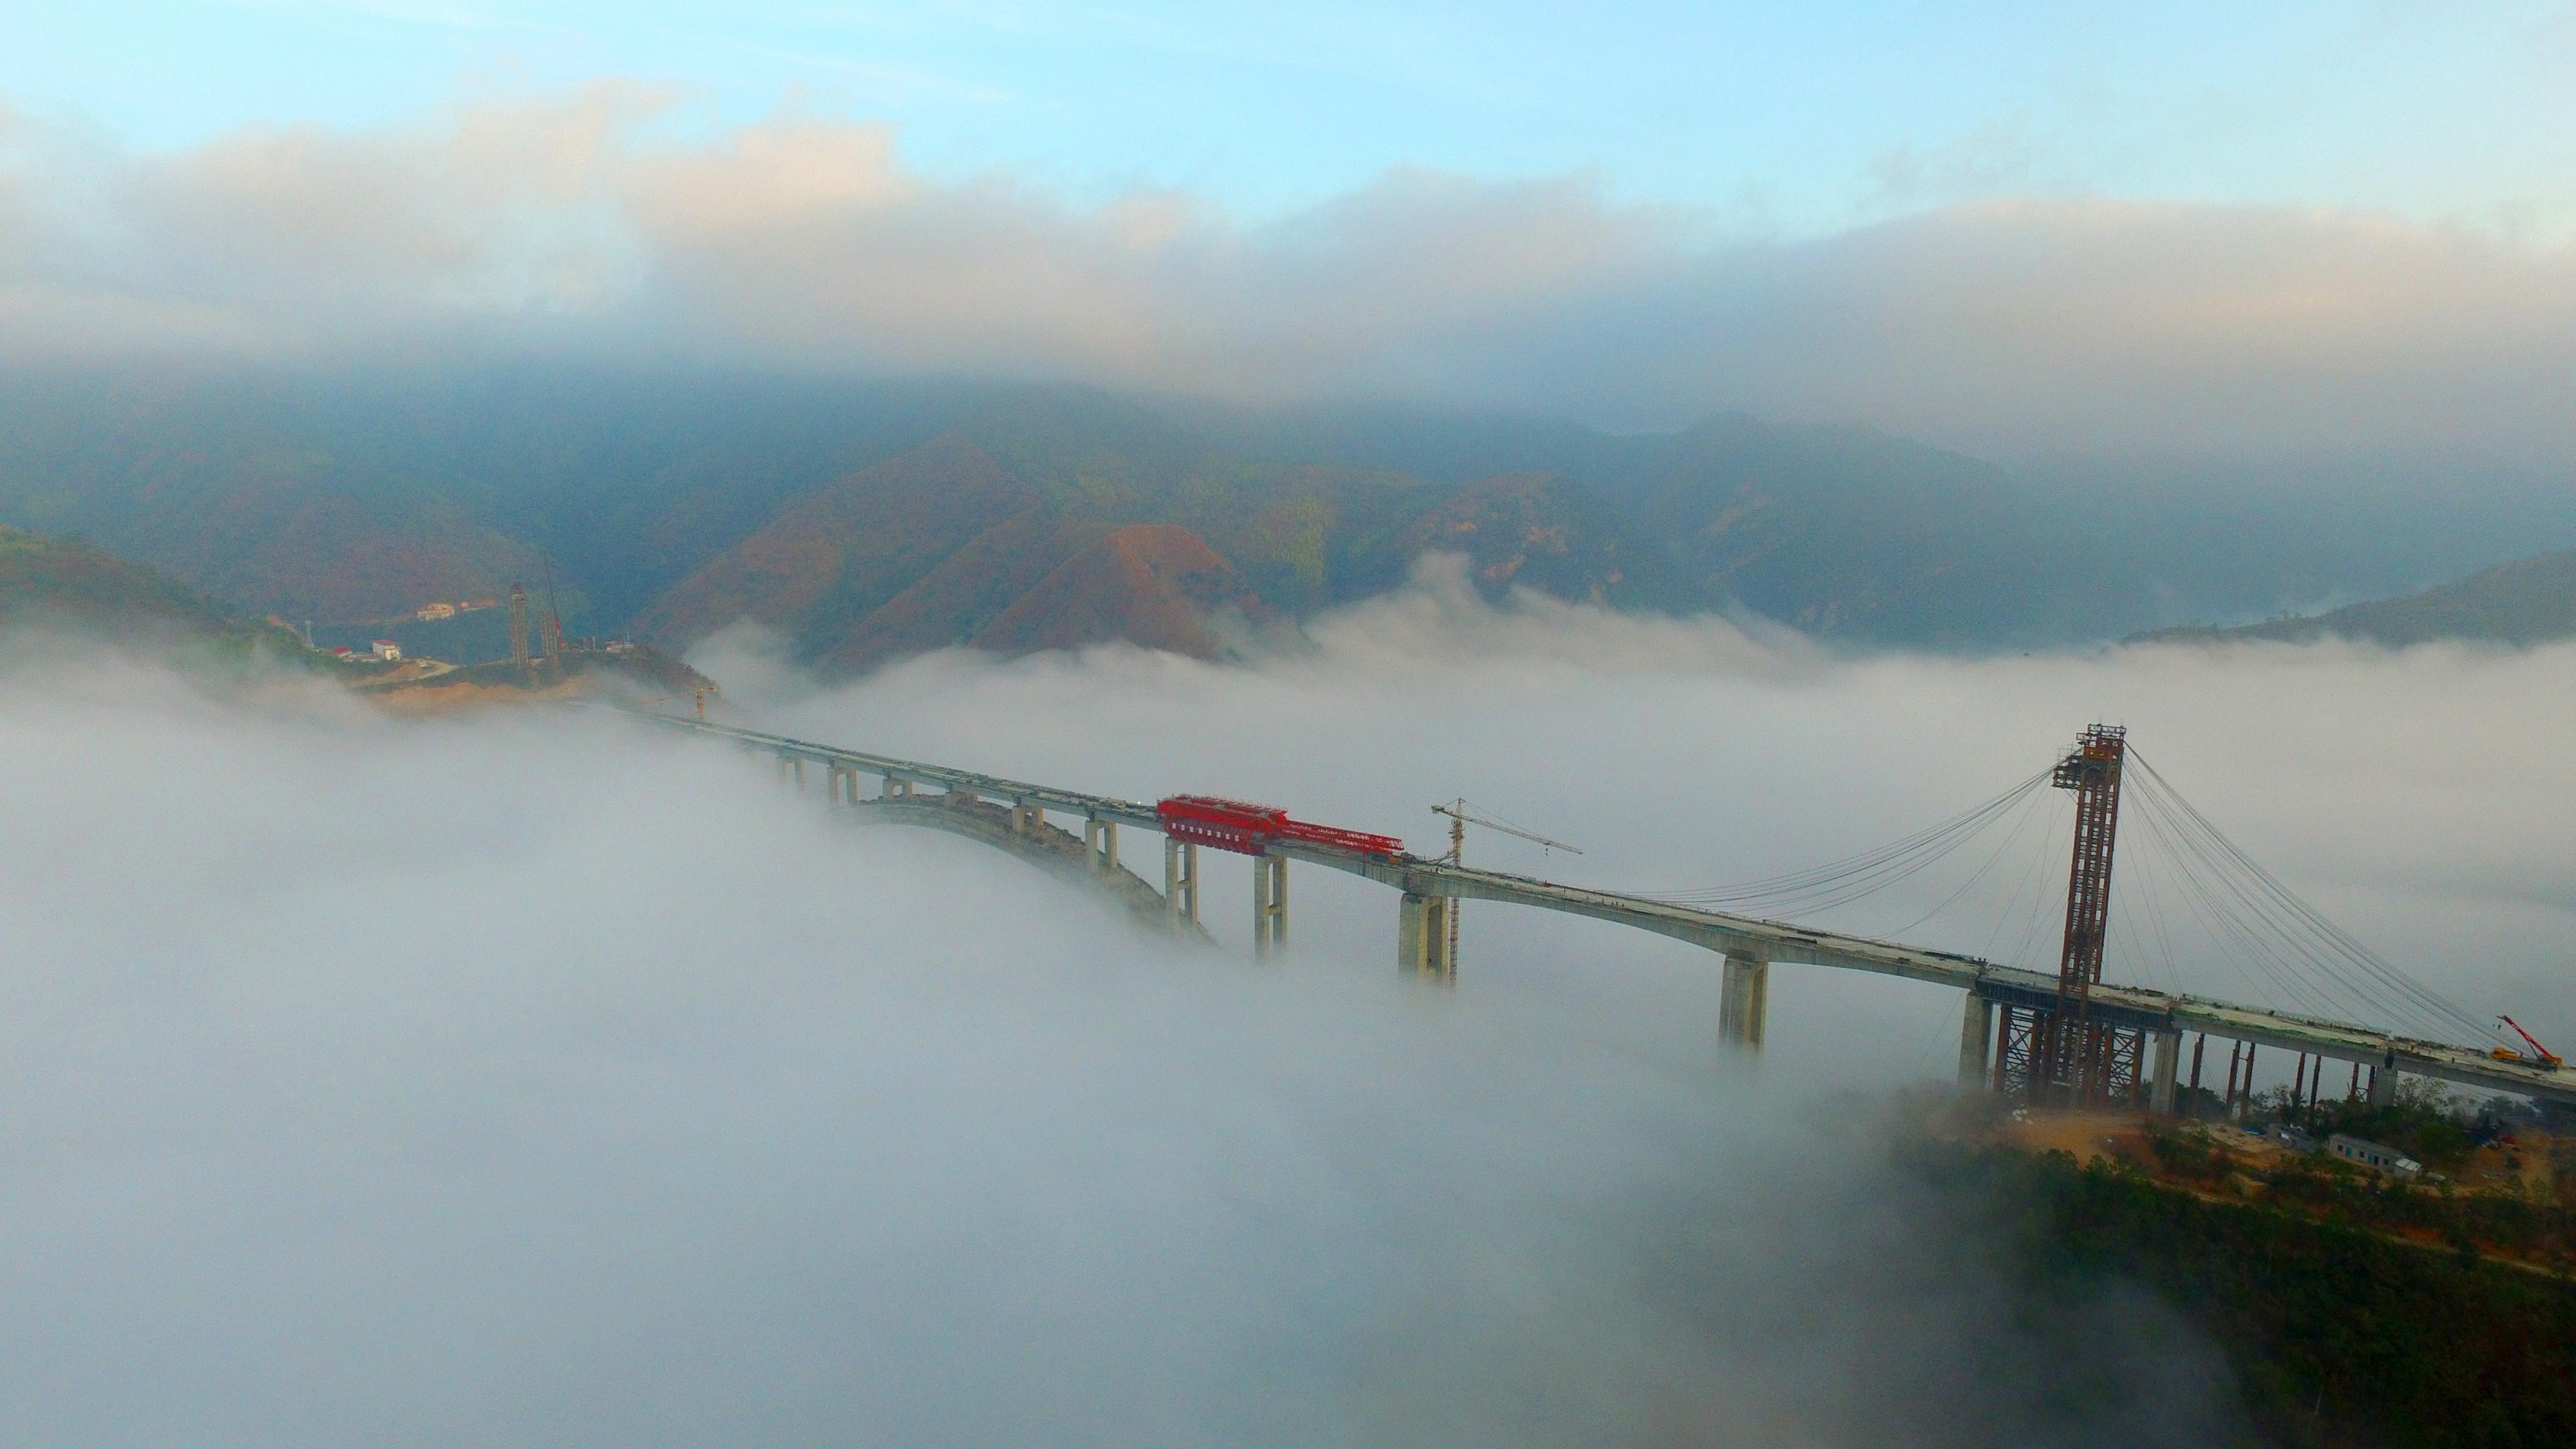 云桂铁路南盘江特大桥位于云南省红河州弥勒市与文山州丘北县交界处